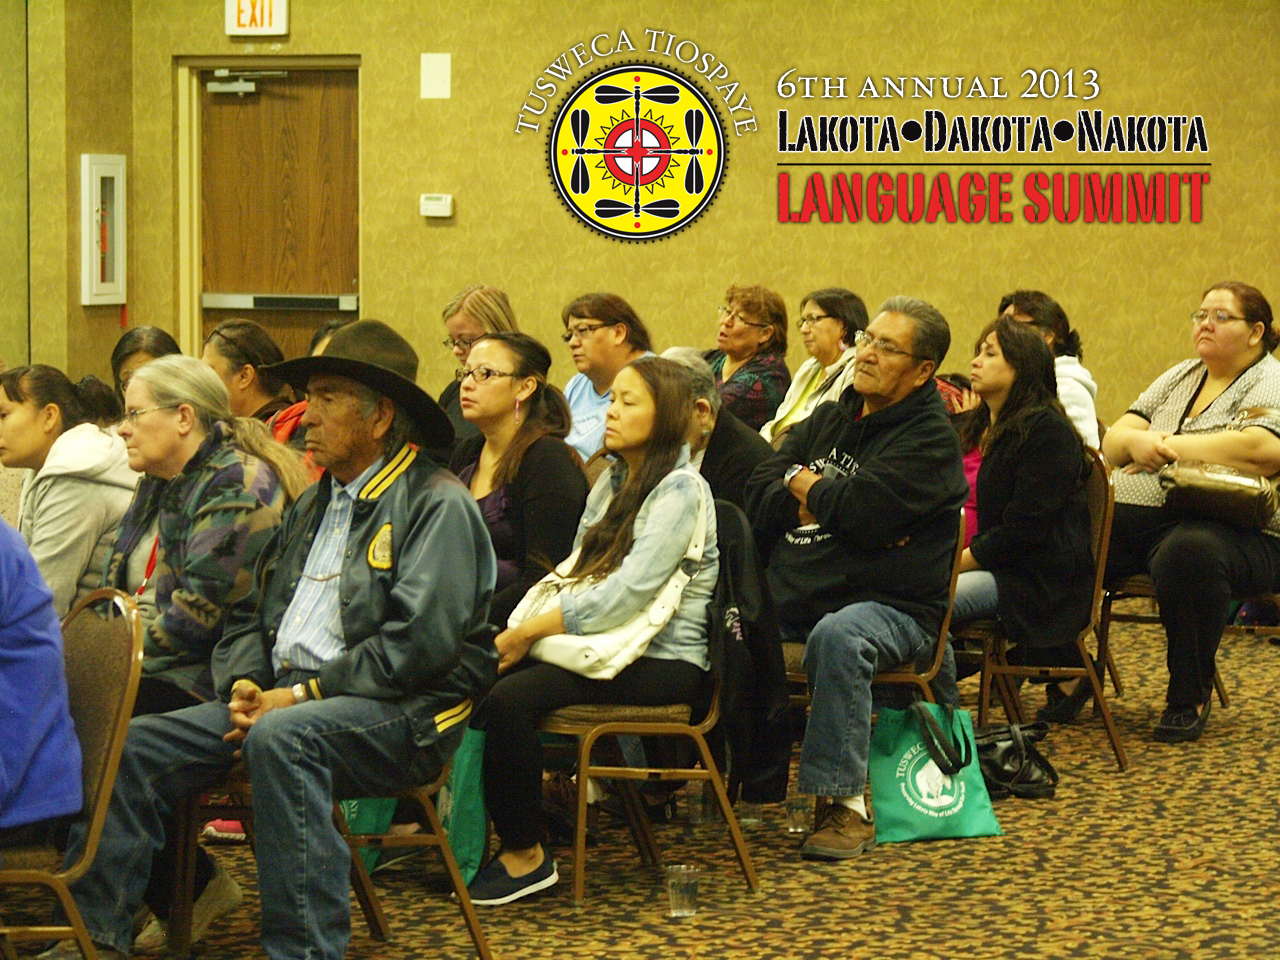 LDN Summit Participants.jpg